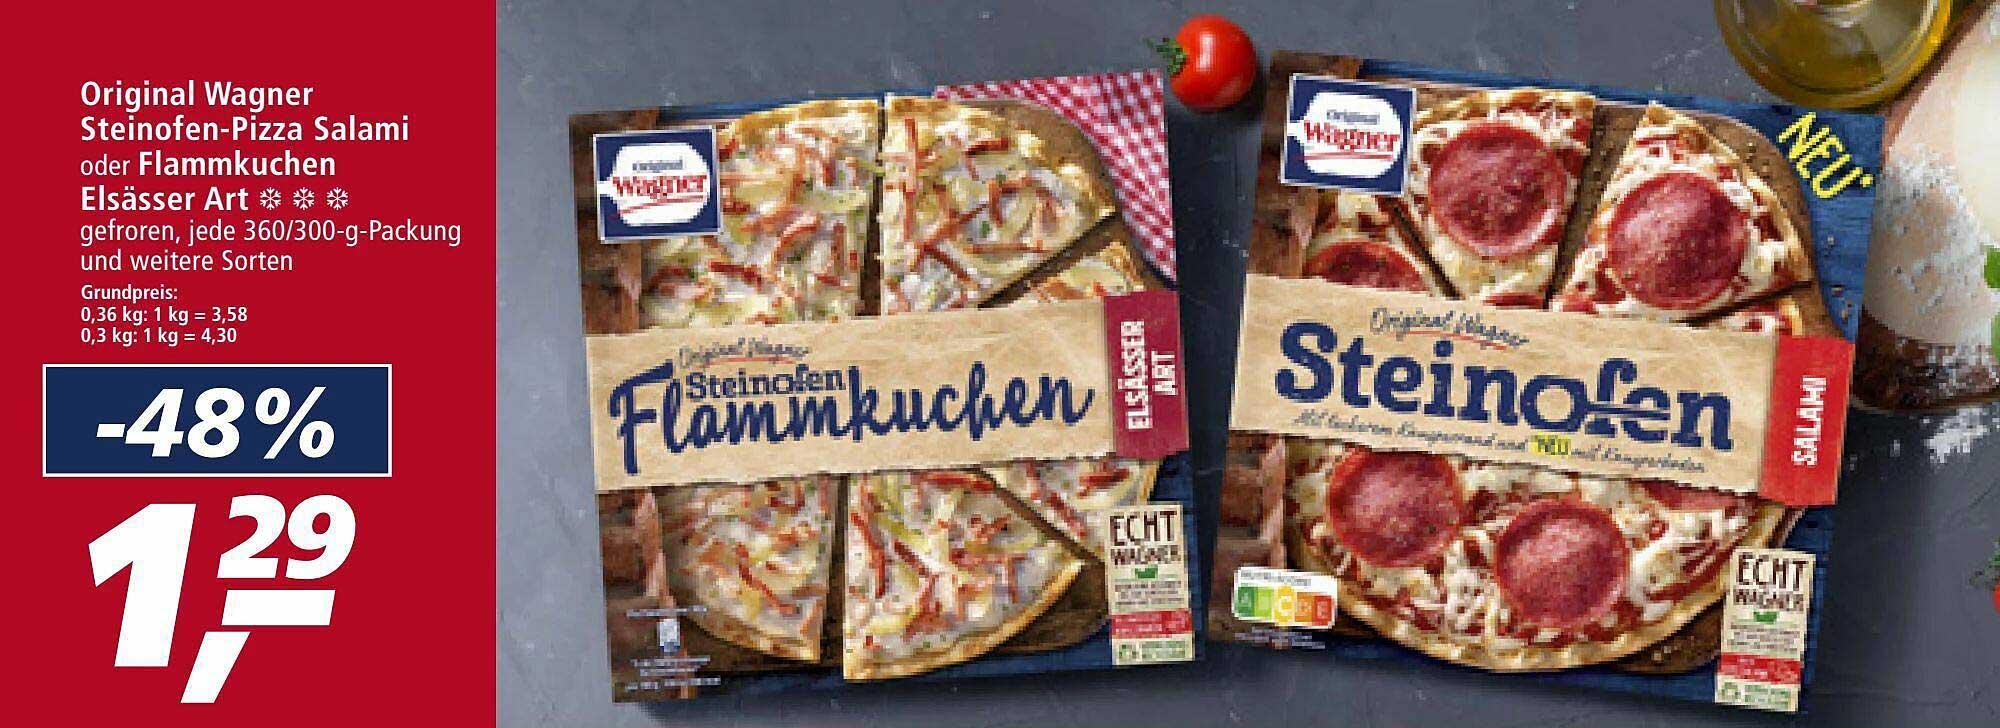 Real Original Wagner Steinofen-pizza Salami Oder Flammukchen Elsässer Art